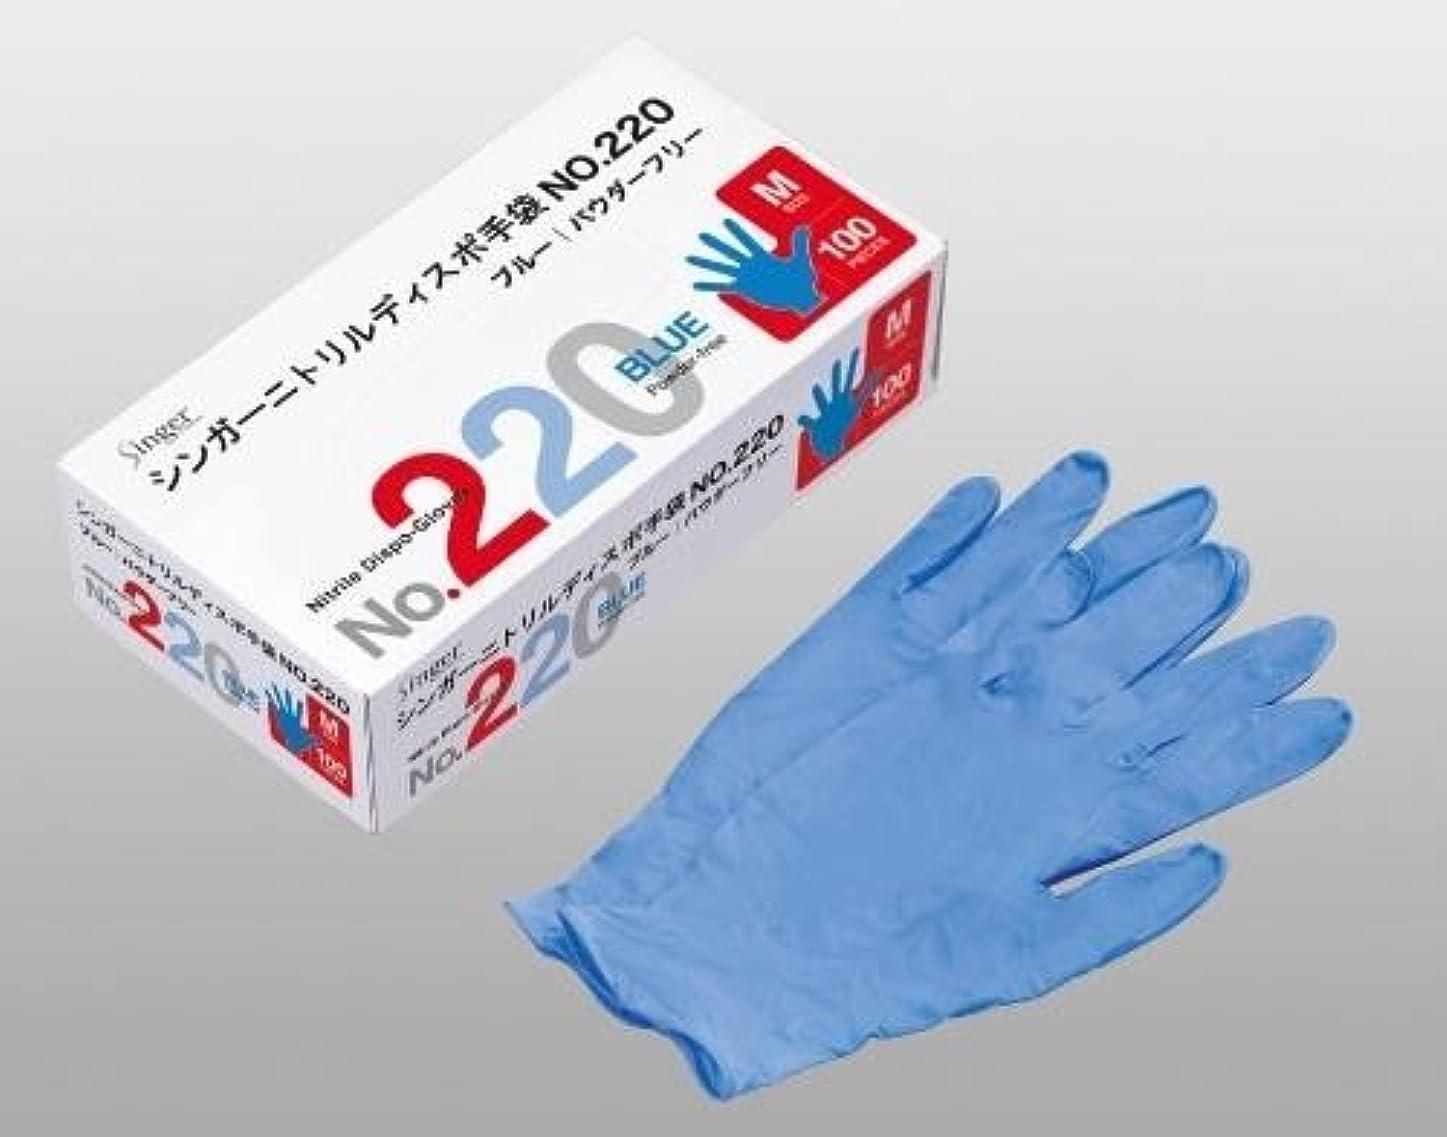 タクト対処心のこもったシンガーニトリルディスポ手袋 No.220 ブルー パウダーフリー(100枚) S